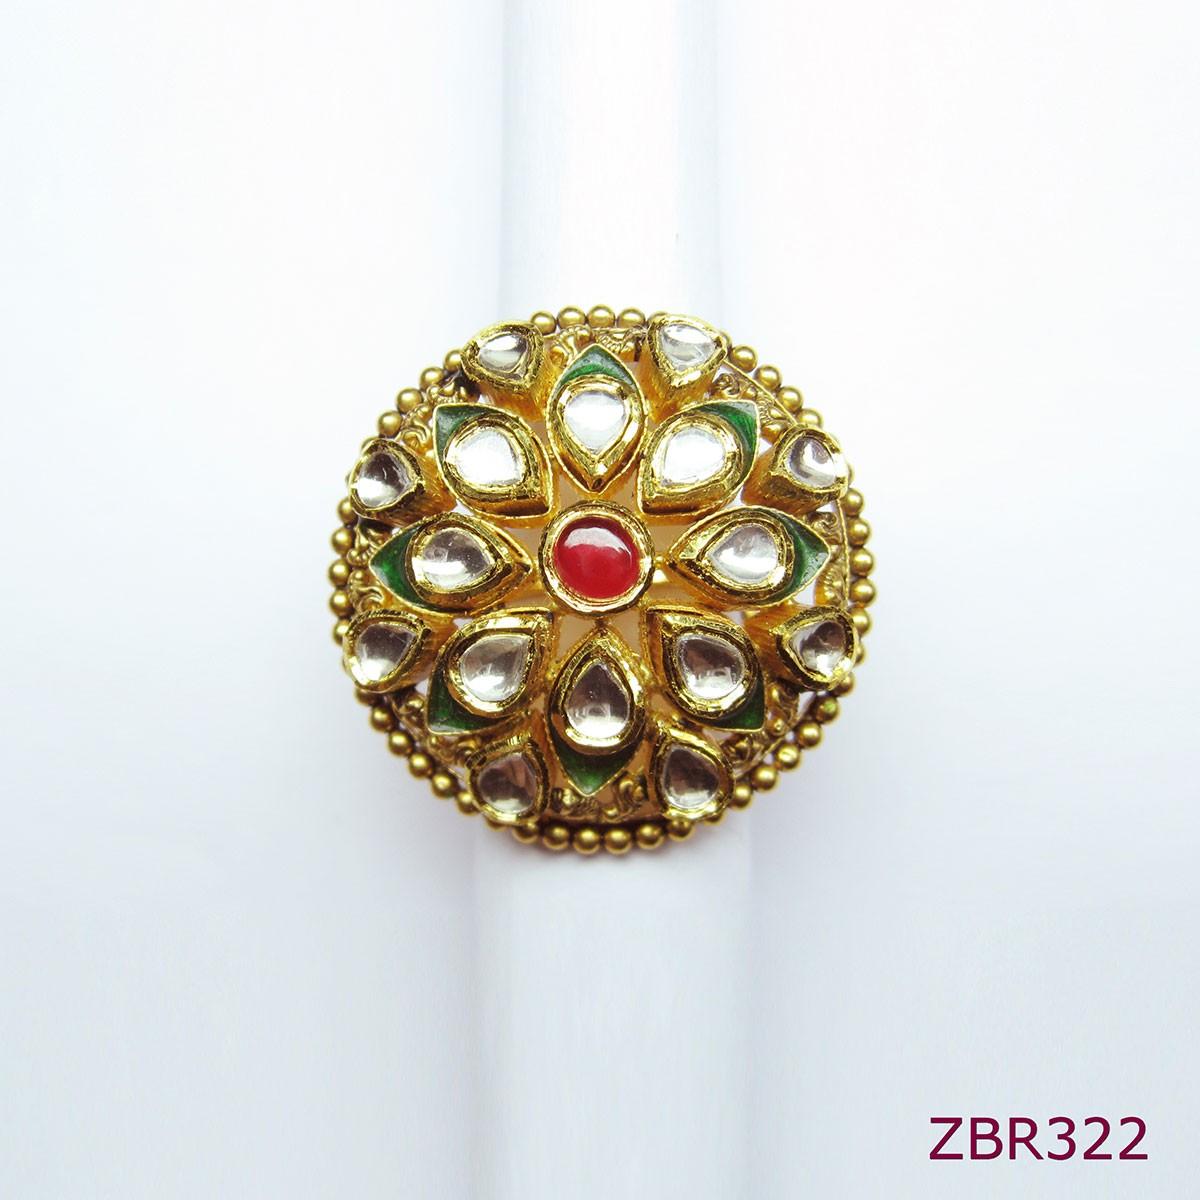 ZBR322